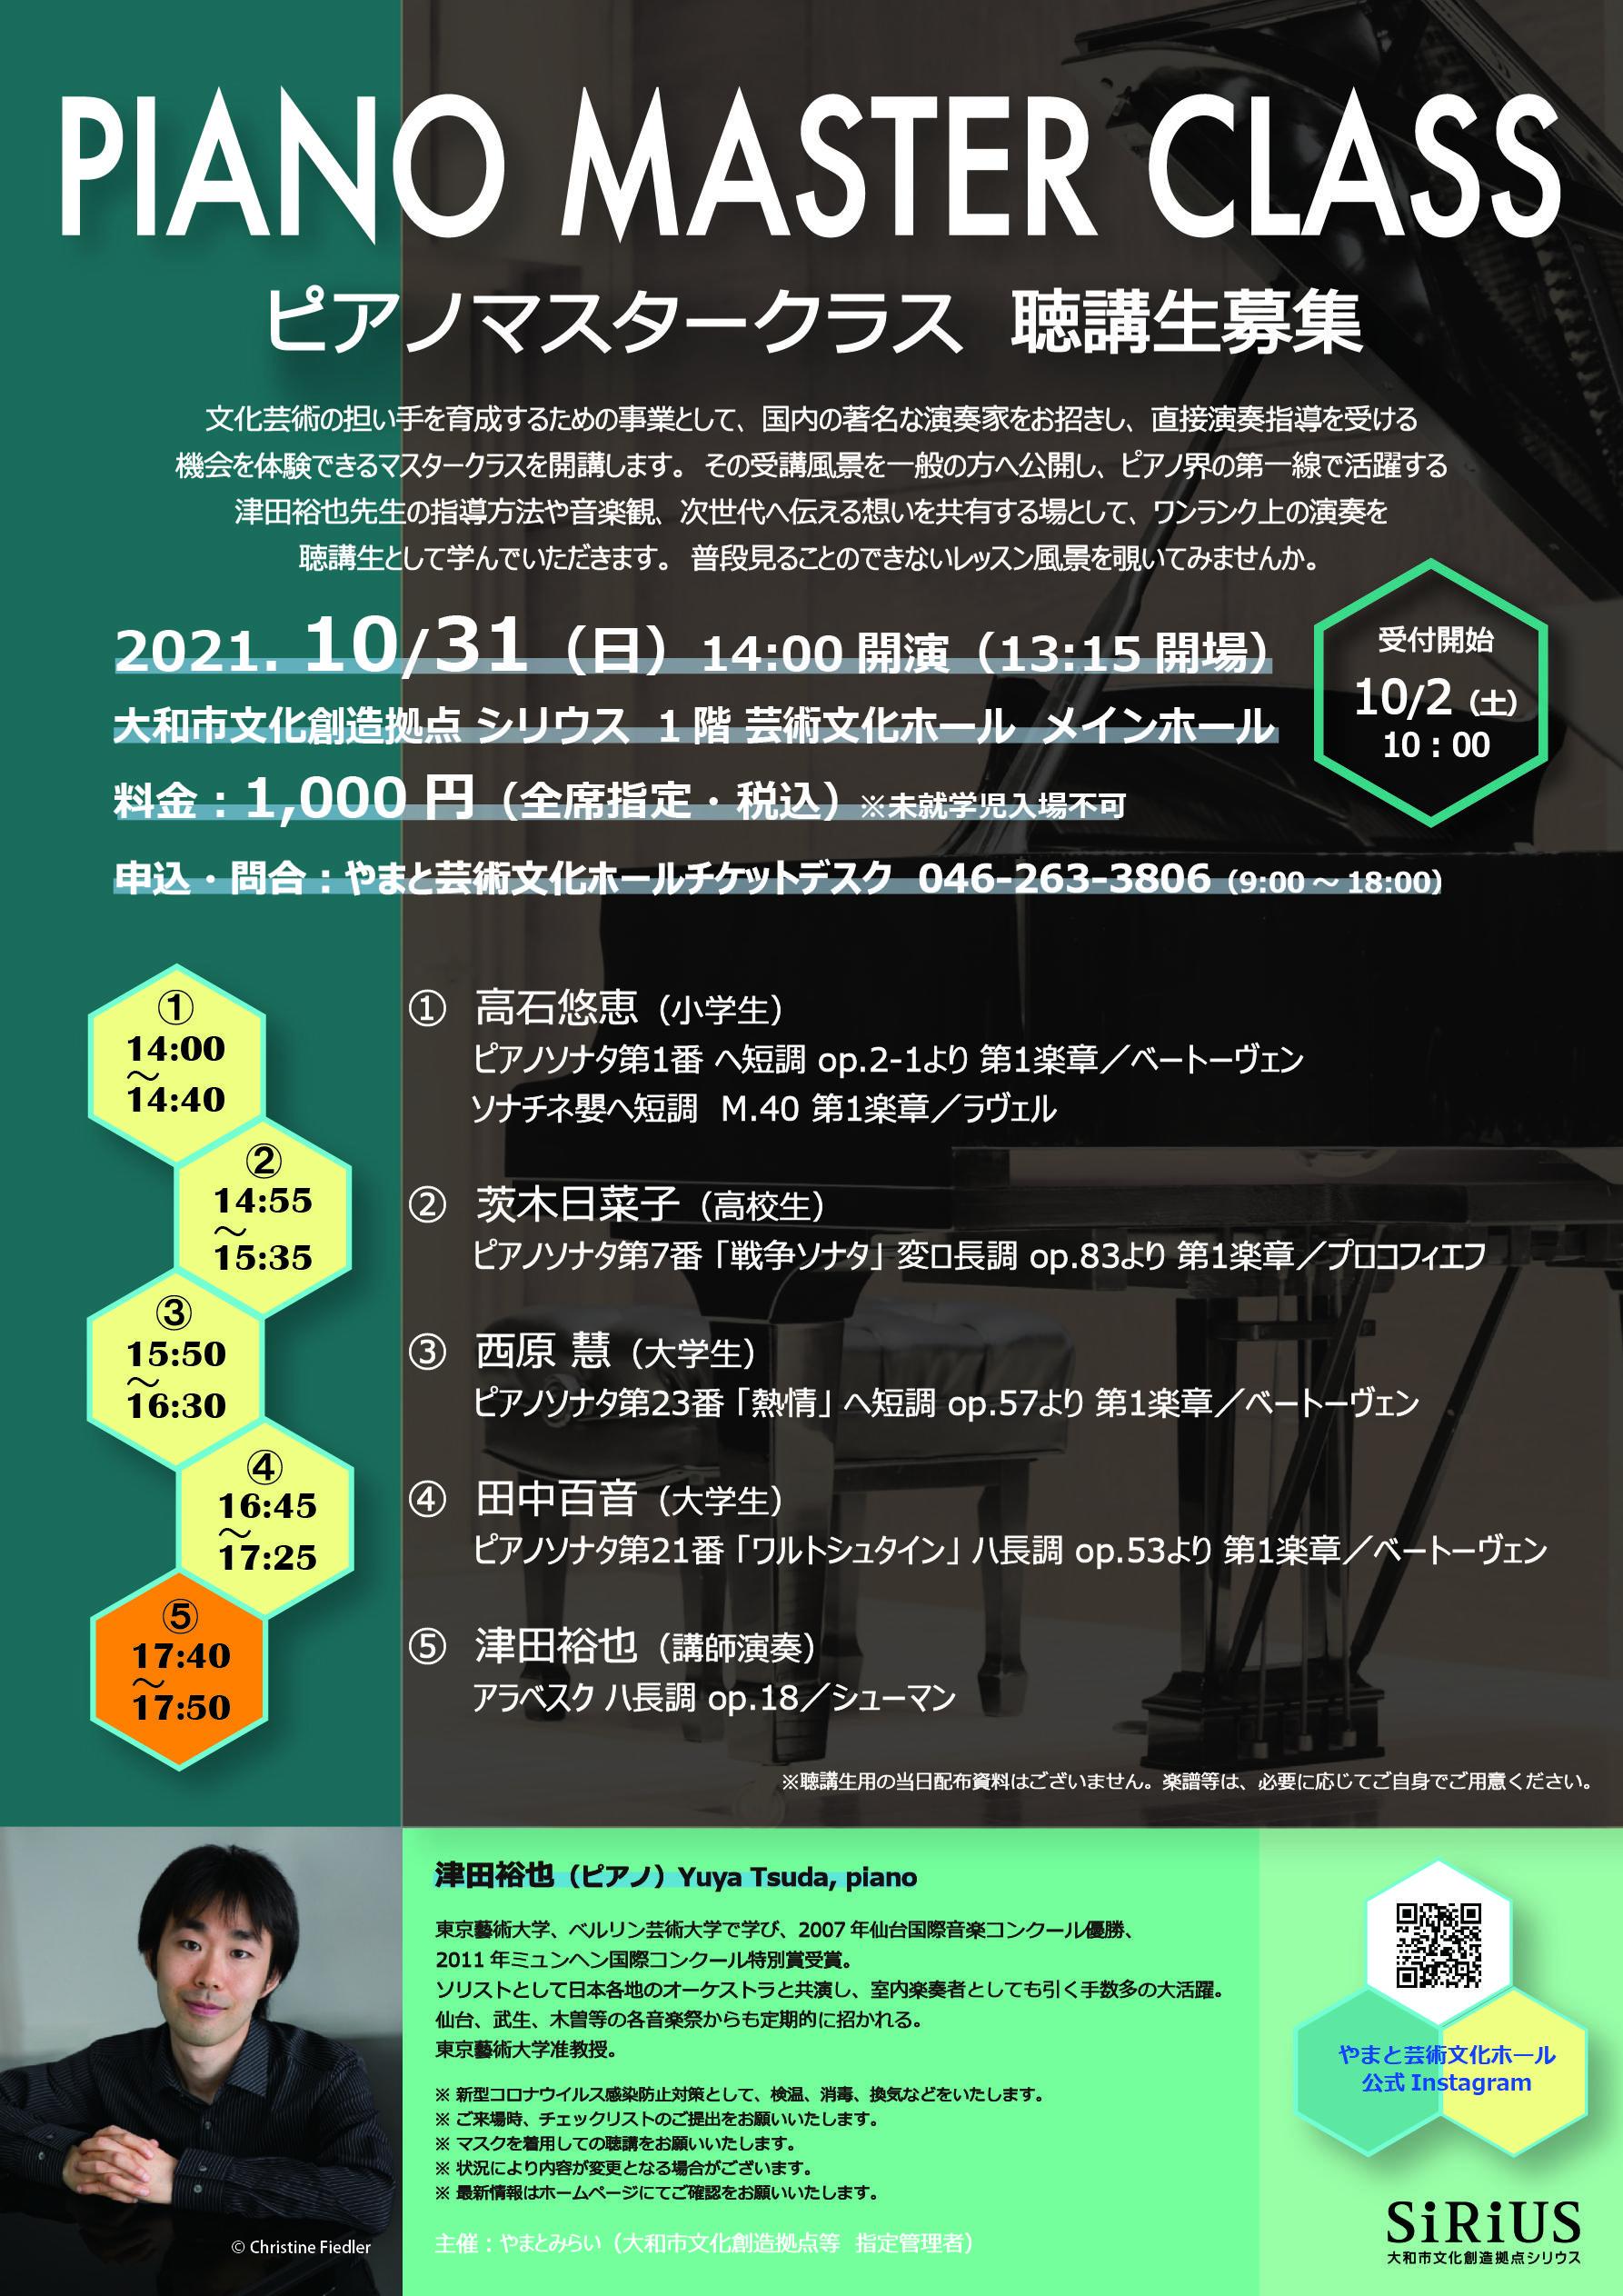 【聴講生募集!】10月2日10時~発売ピアノマスタークラス